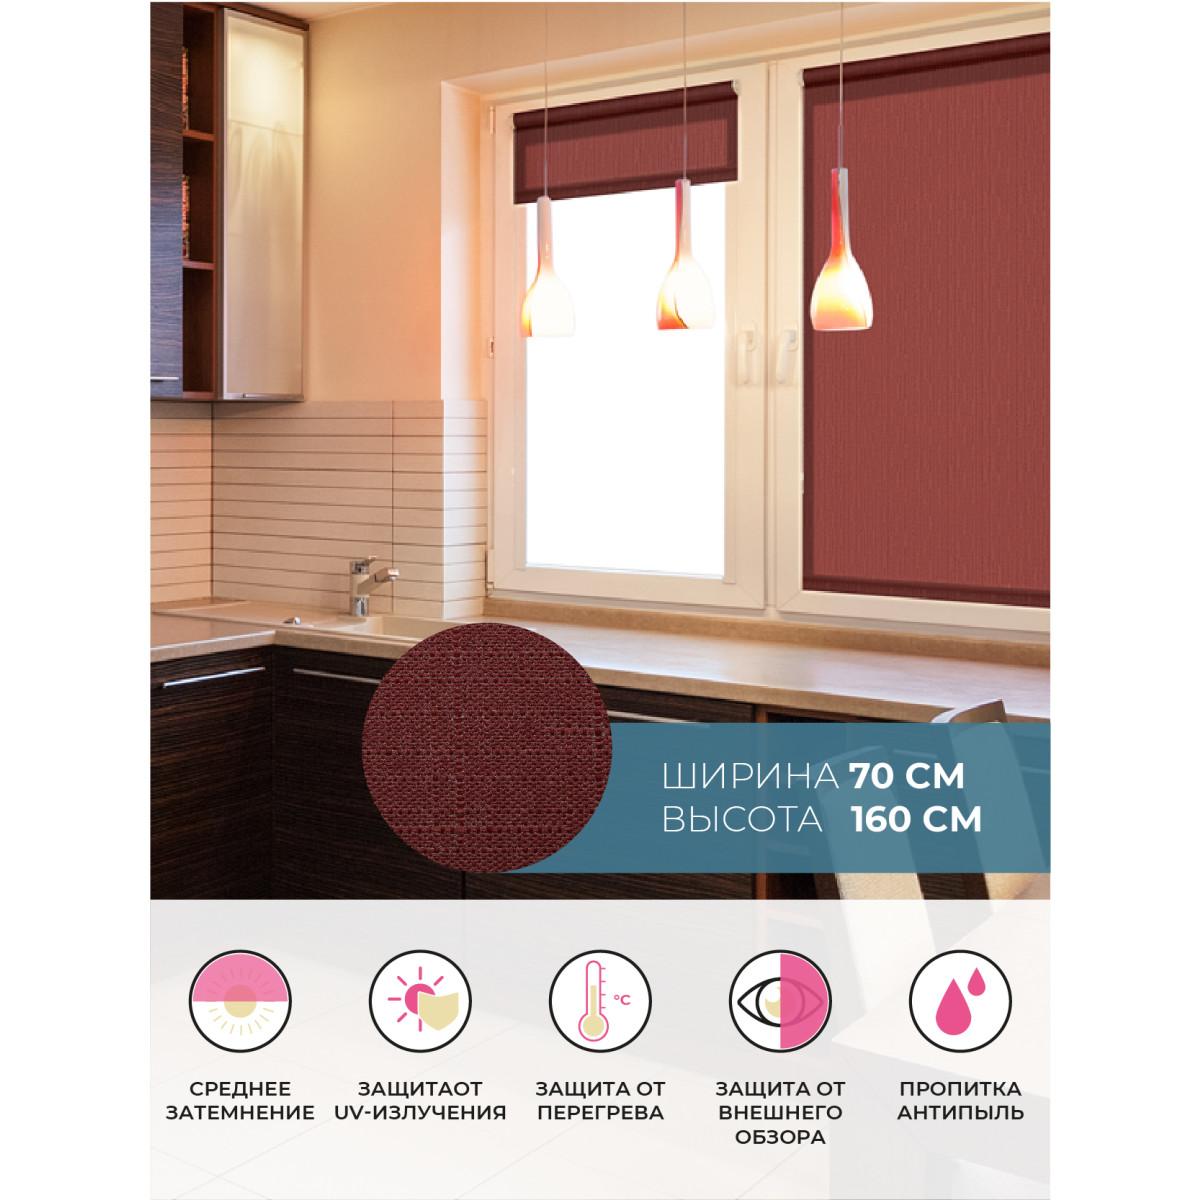 Рулонная Ора Decofest Апилера 70Х160 Цвет Бордовый